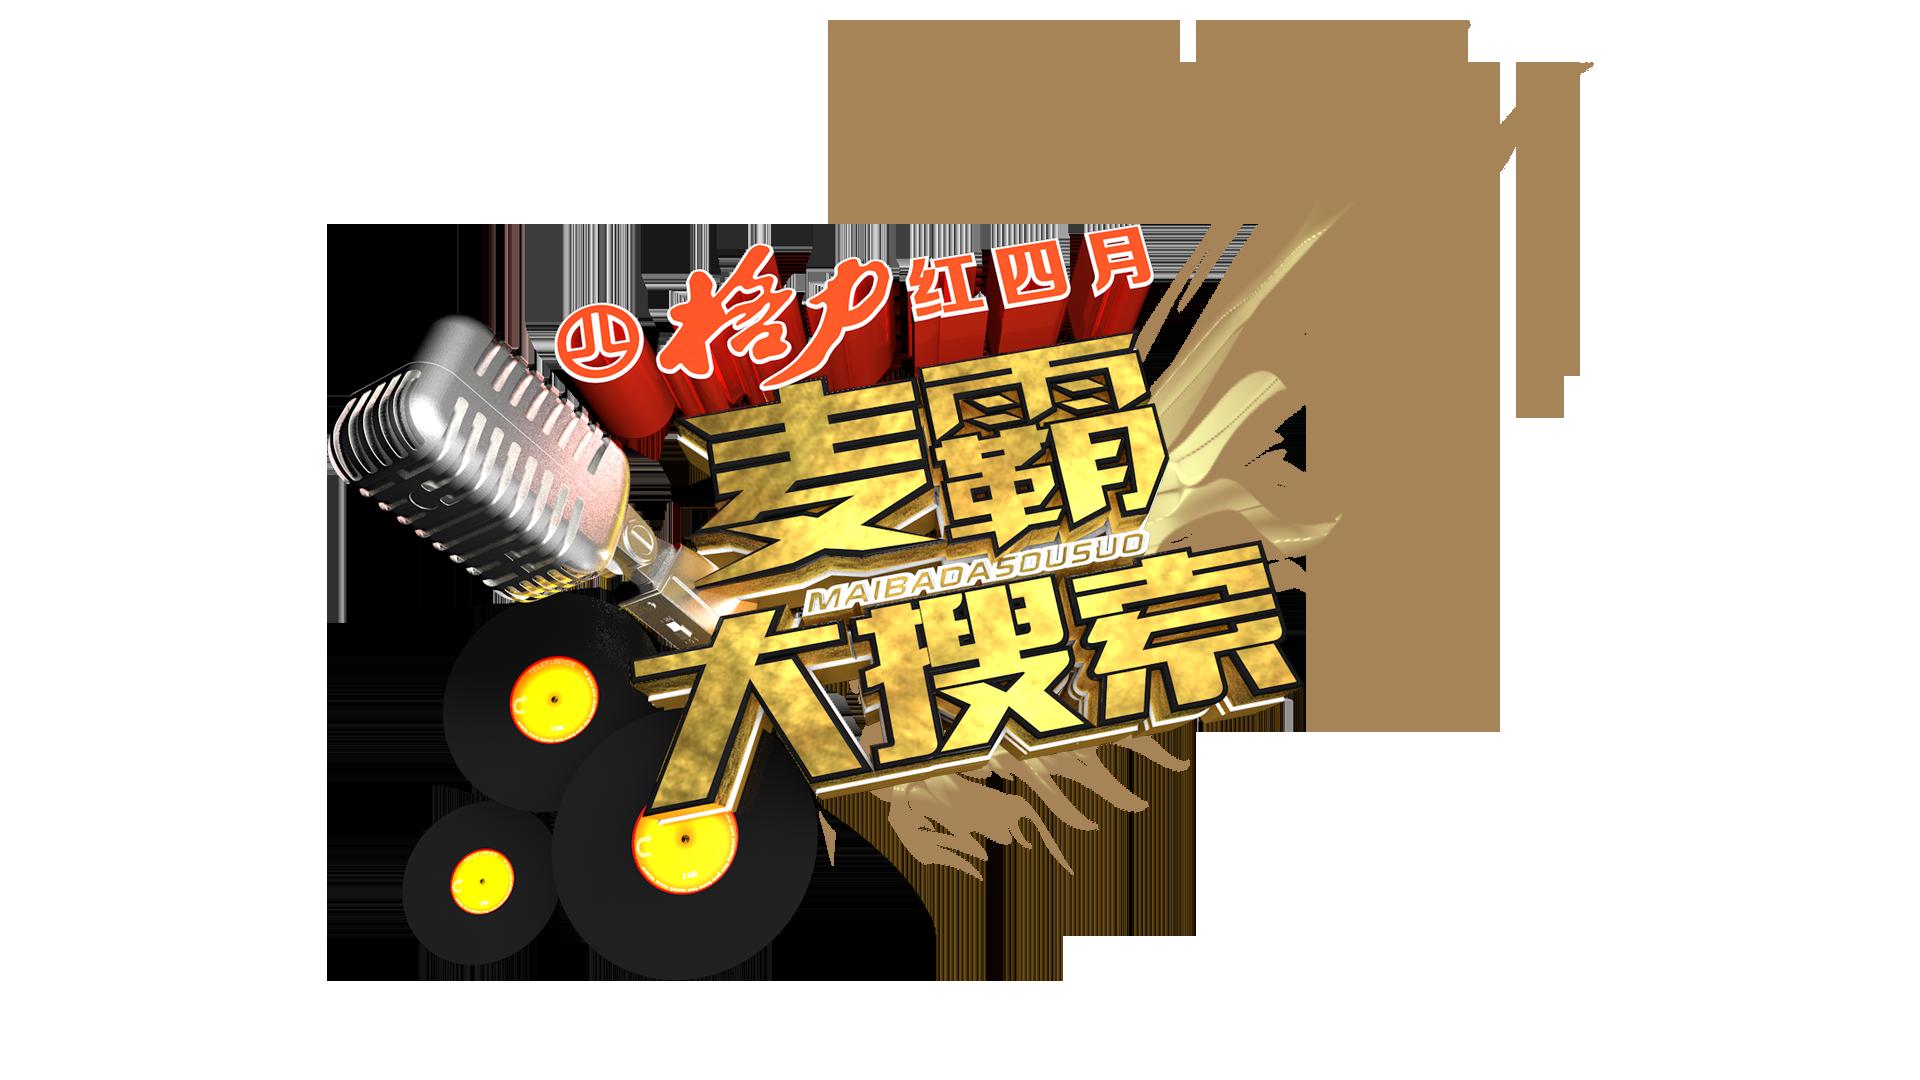 山东影视频道2017年新开栏目《麦霸大搜索》宣传片